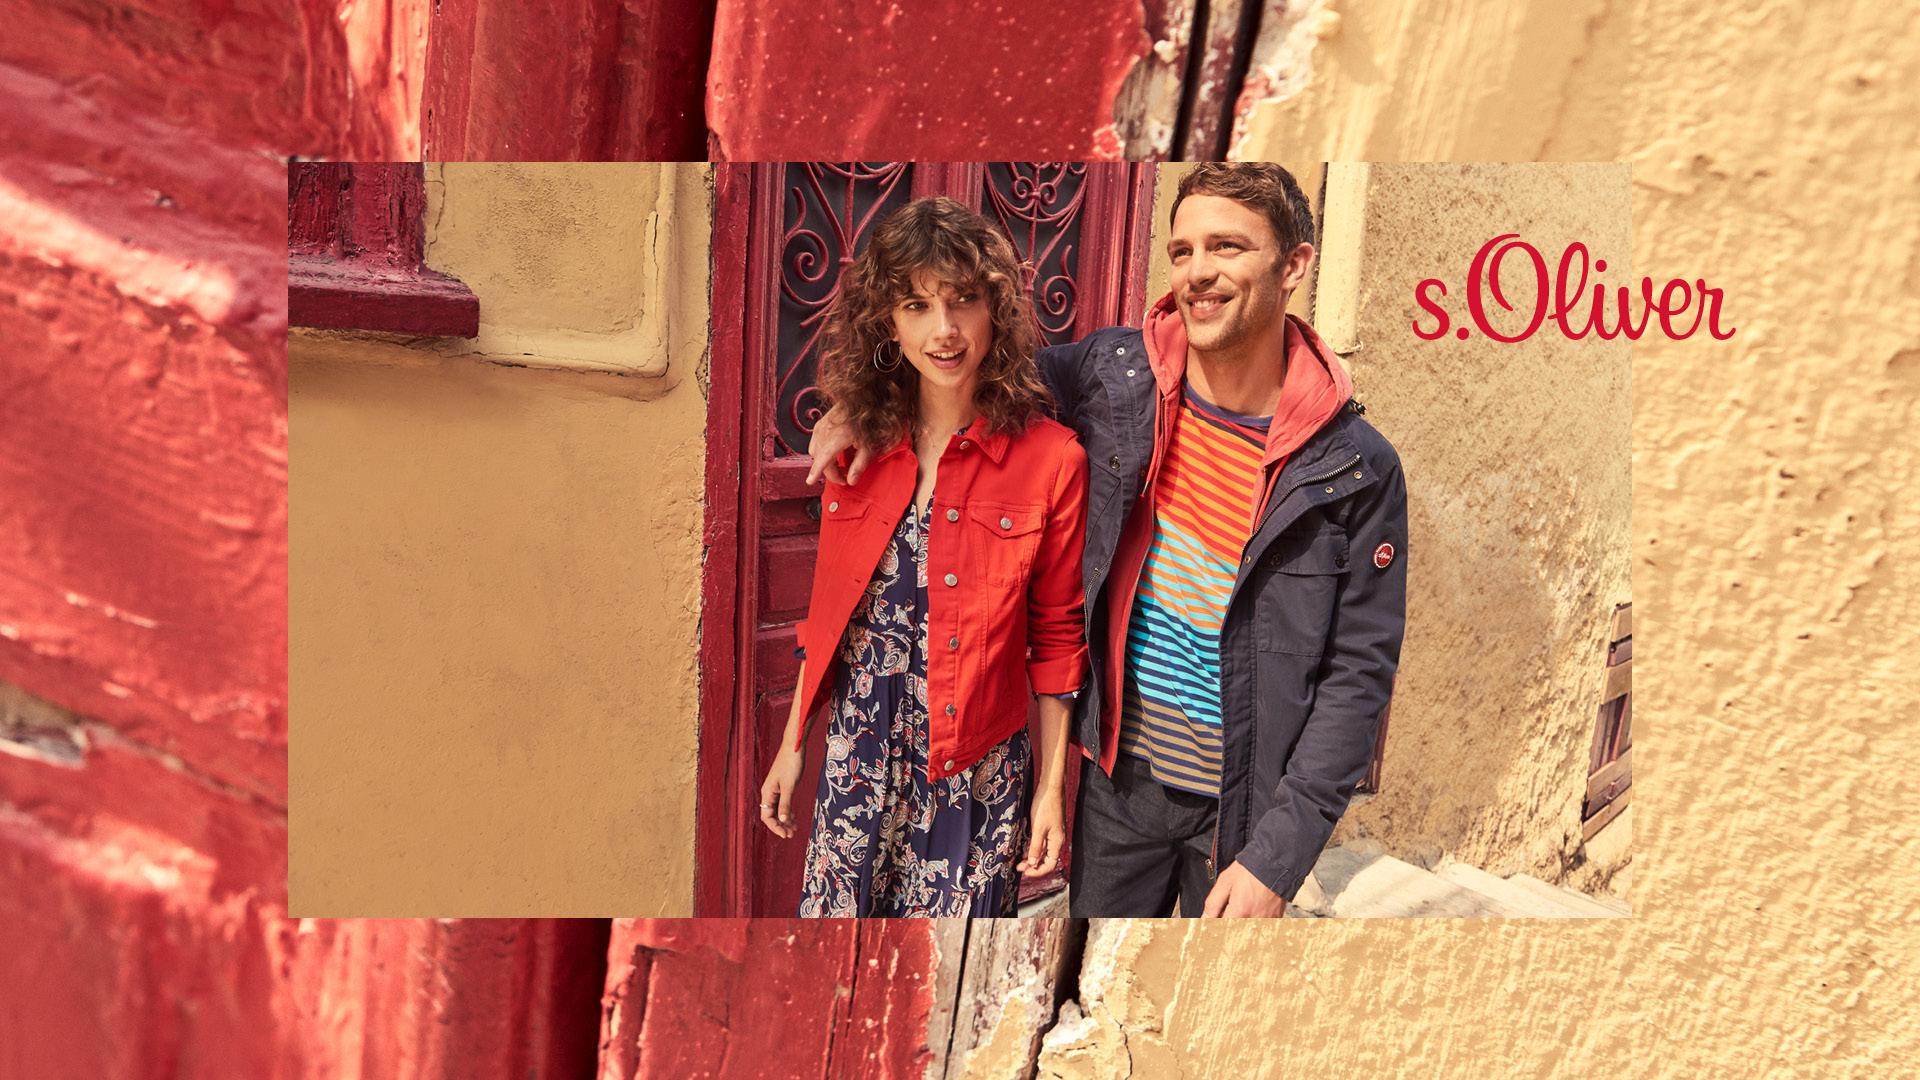 sOliver_spring_summer_2020_original_Imageteaser_RL_SS2020_001-003_1920x1080px_101